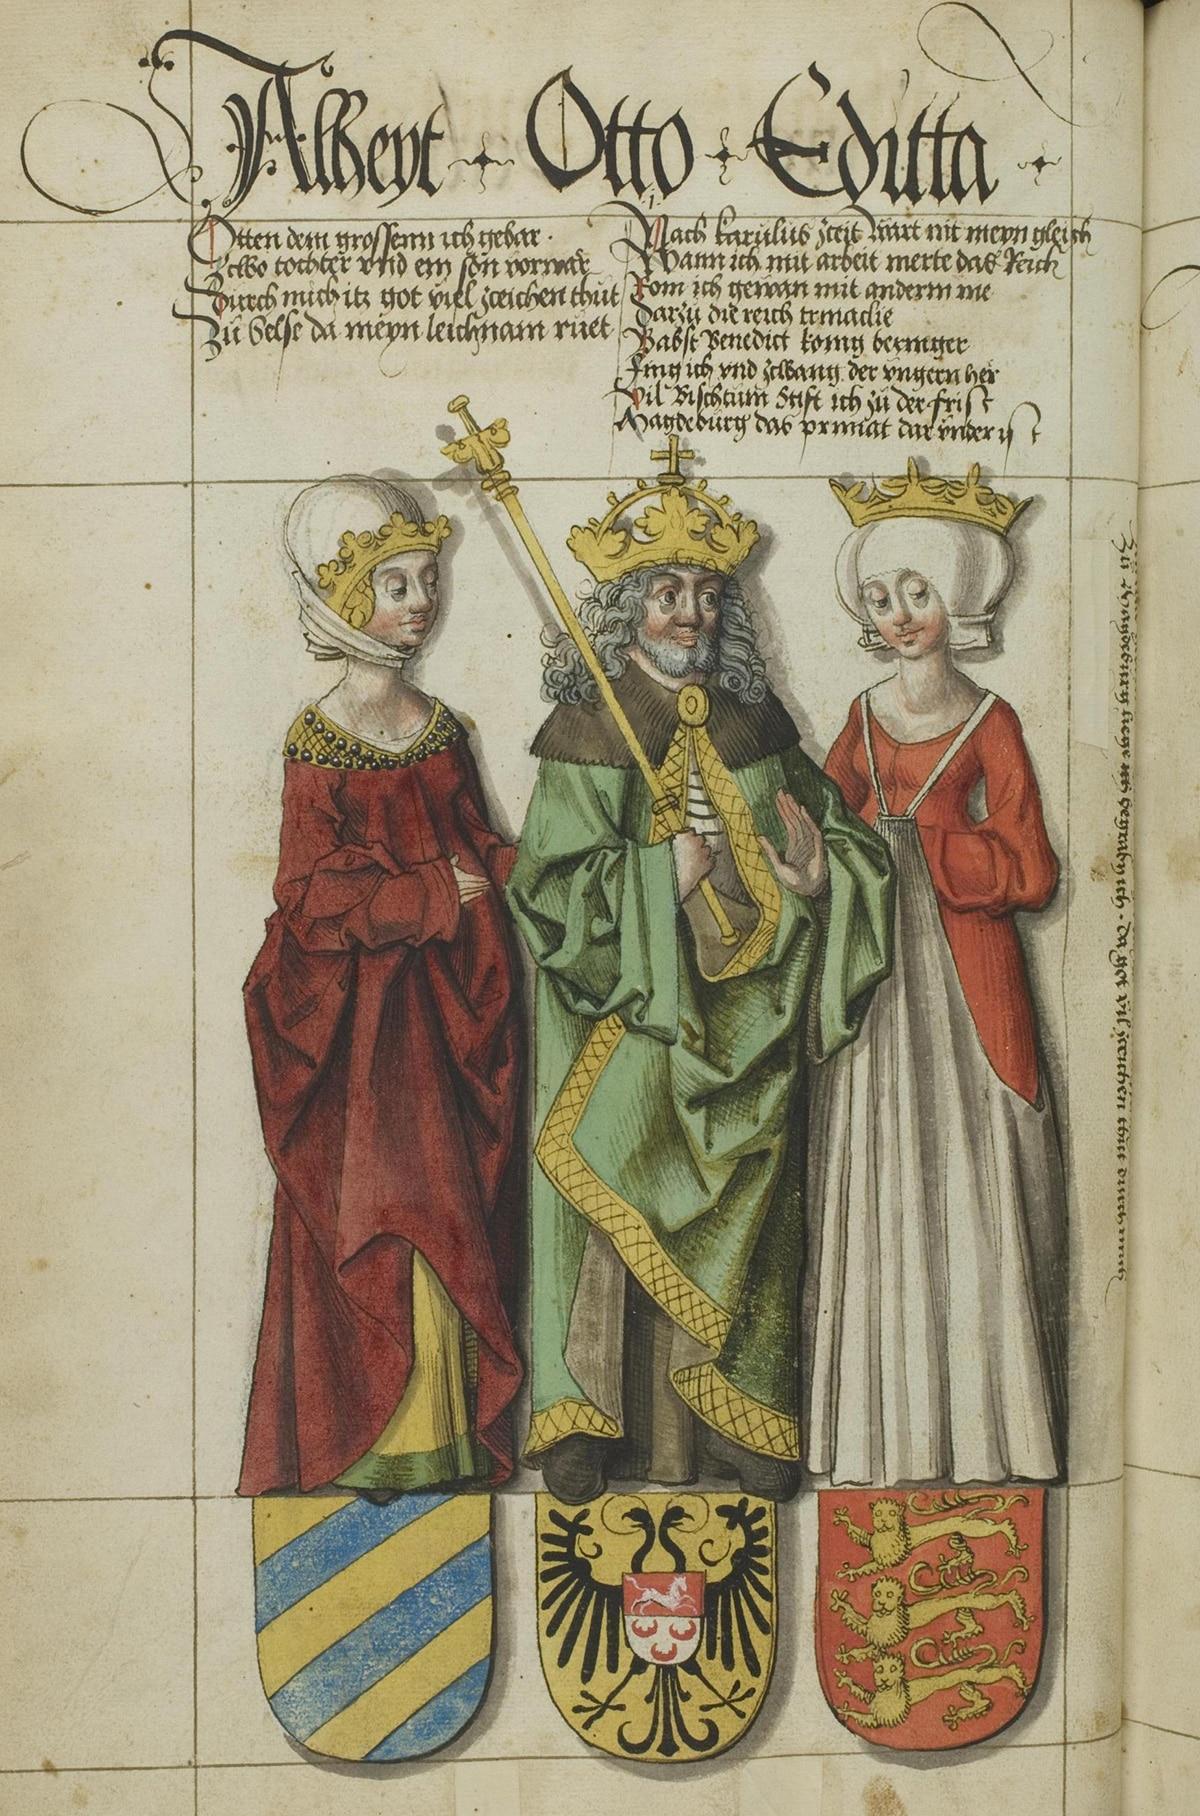 Un roi et une reine représentés sur un vieux parchemin.